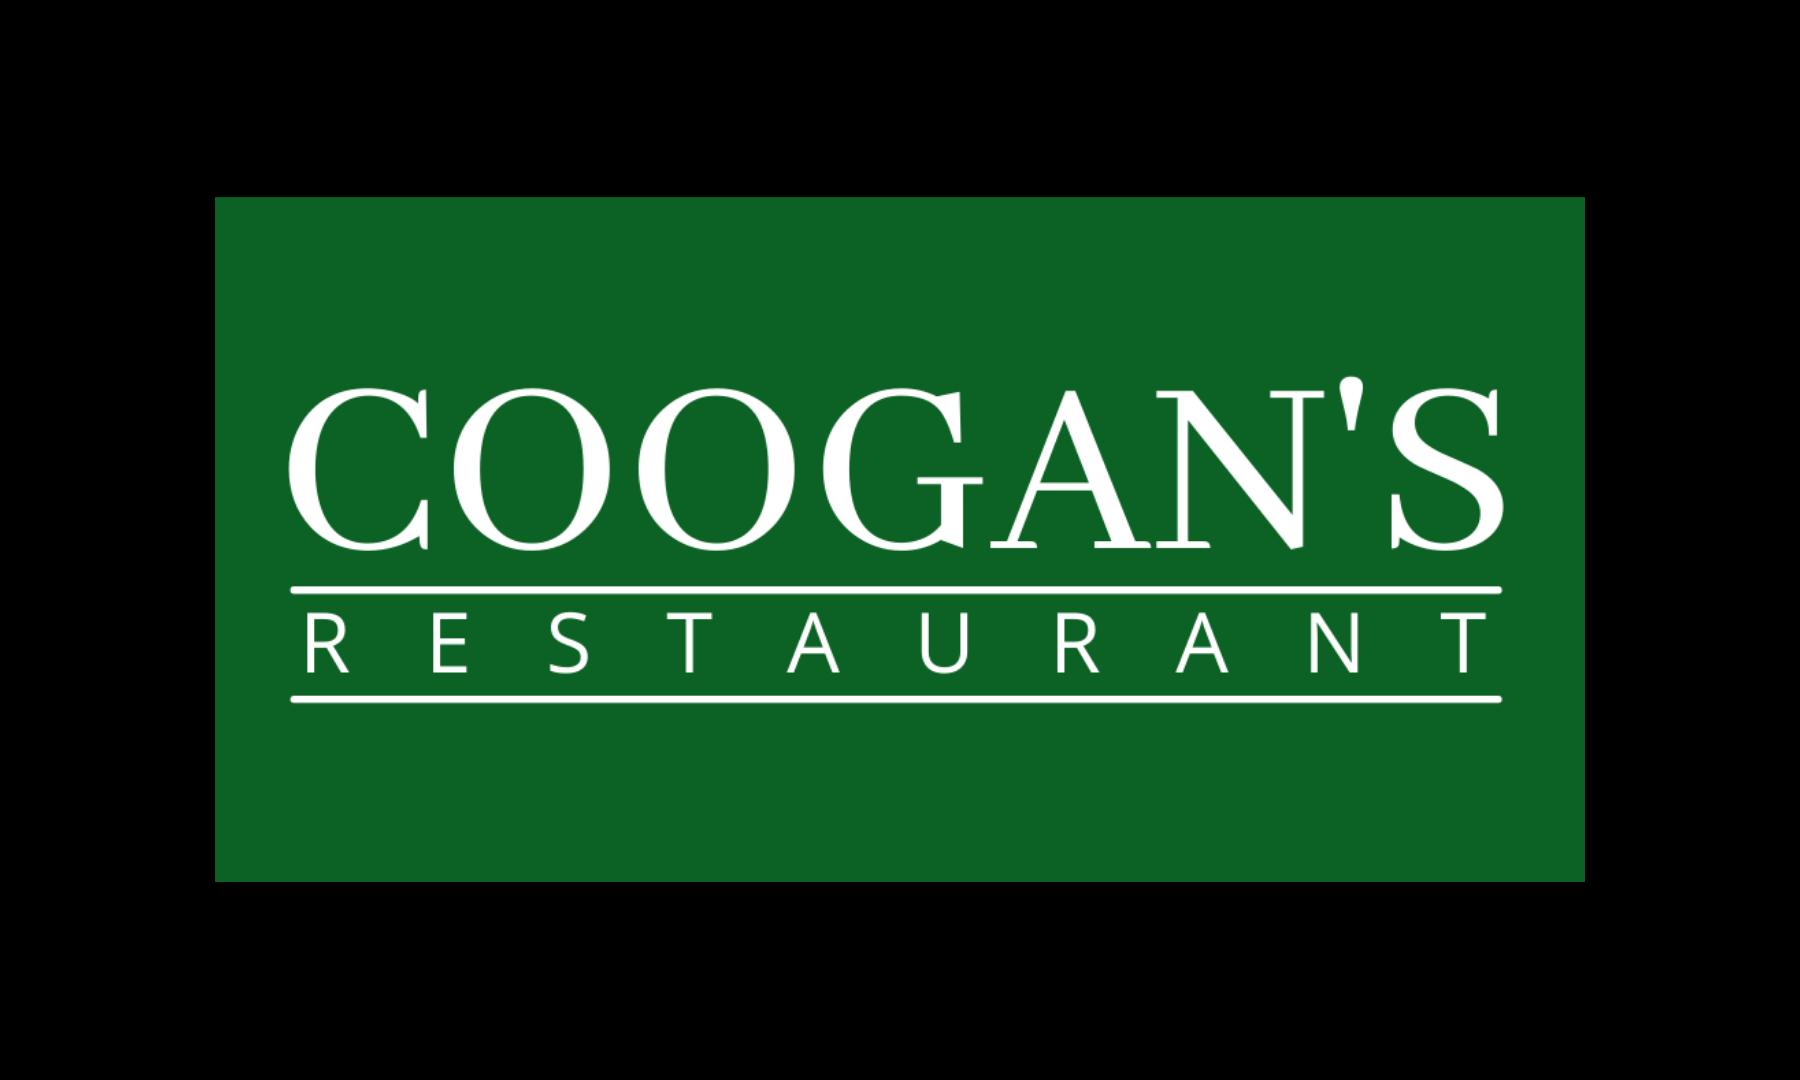 Coogans